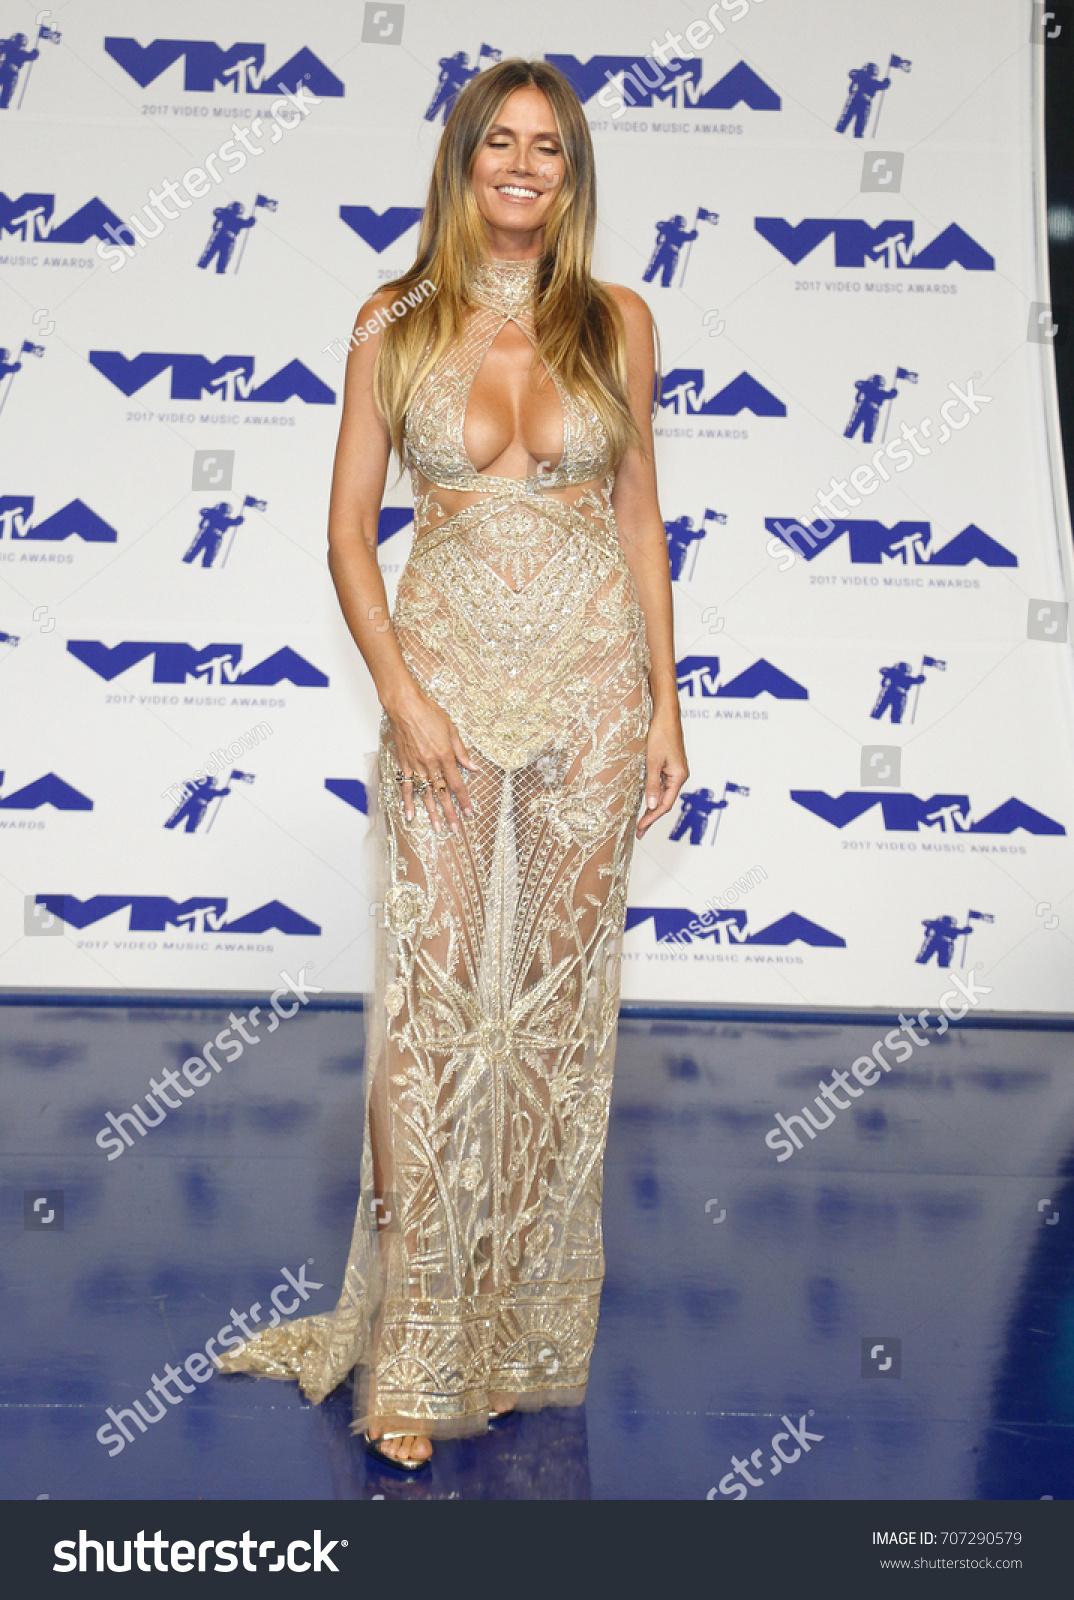 Video Heidi Klum nudes (45 photo), Topless, Paparazzi, Twitter, butt 2018